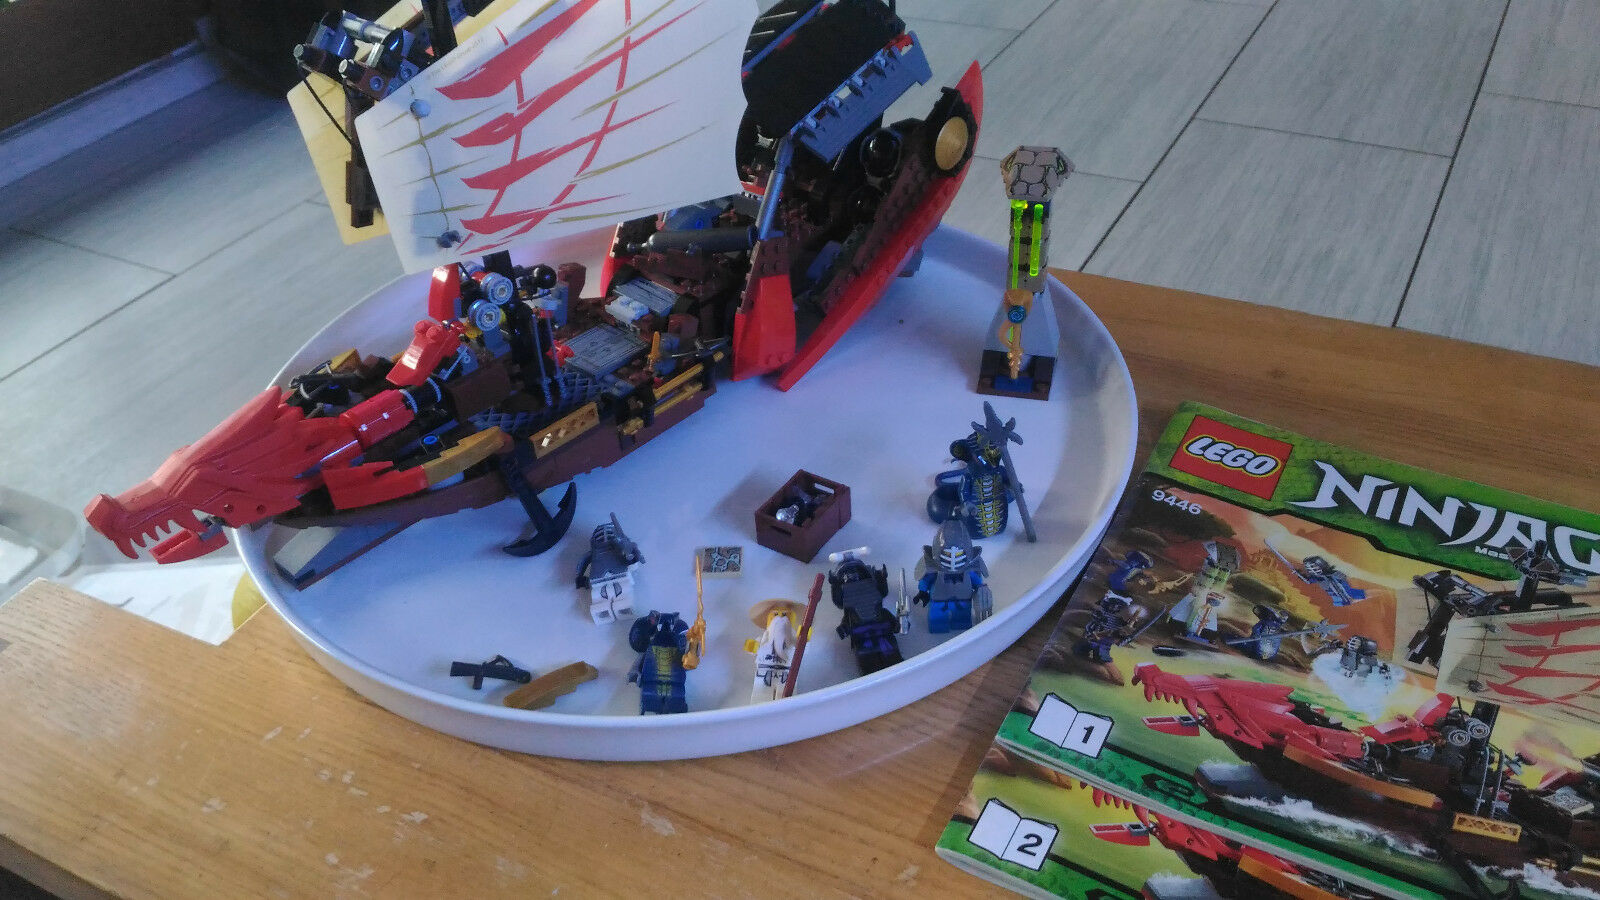 LEGO Ninjago Playthème - 9446 - Jeu de Construction - Le QG des Ninjas de LEGO